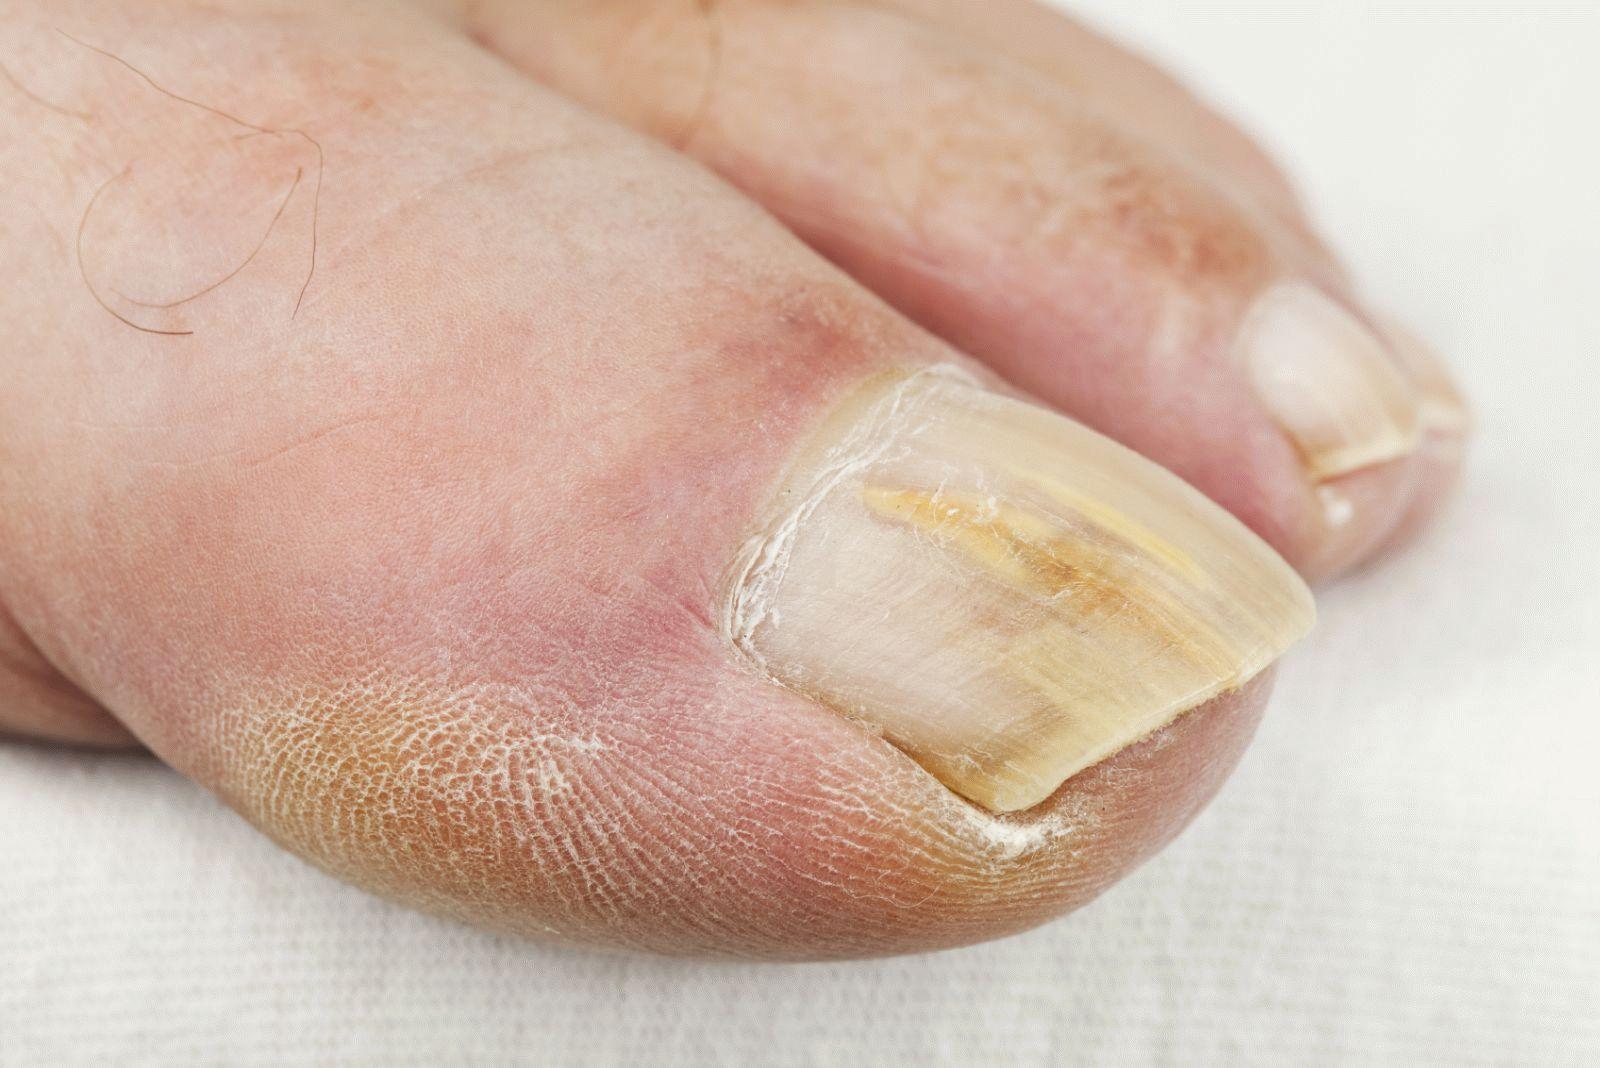 Как вылечить ноготь на ноге на большом пальце ноги